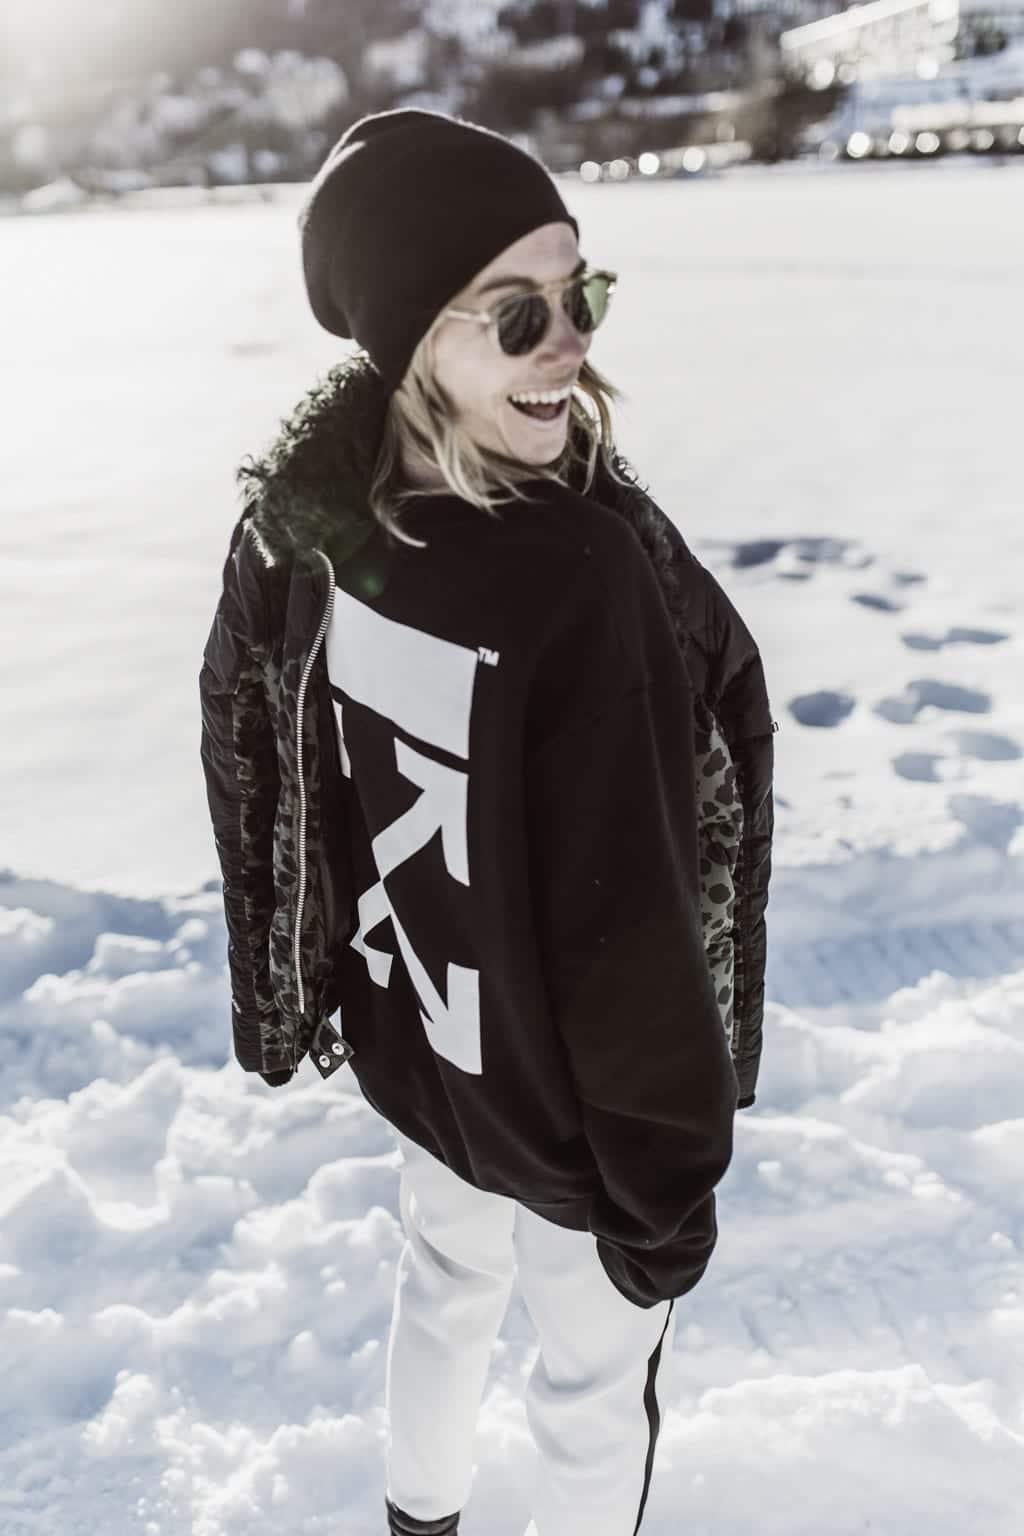 karin kaswurm unterwegs im sos skiwear outfit in st moritz